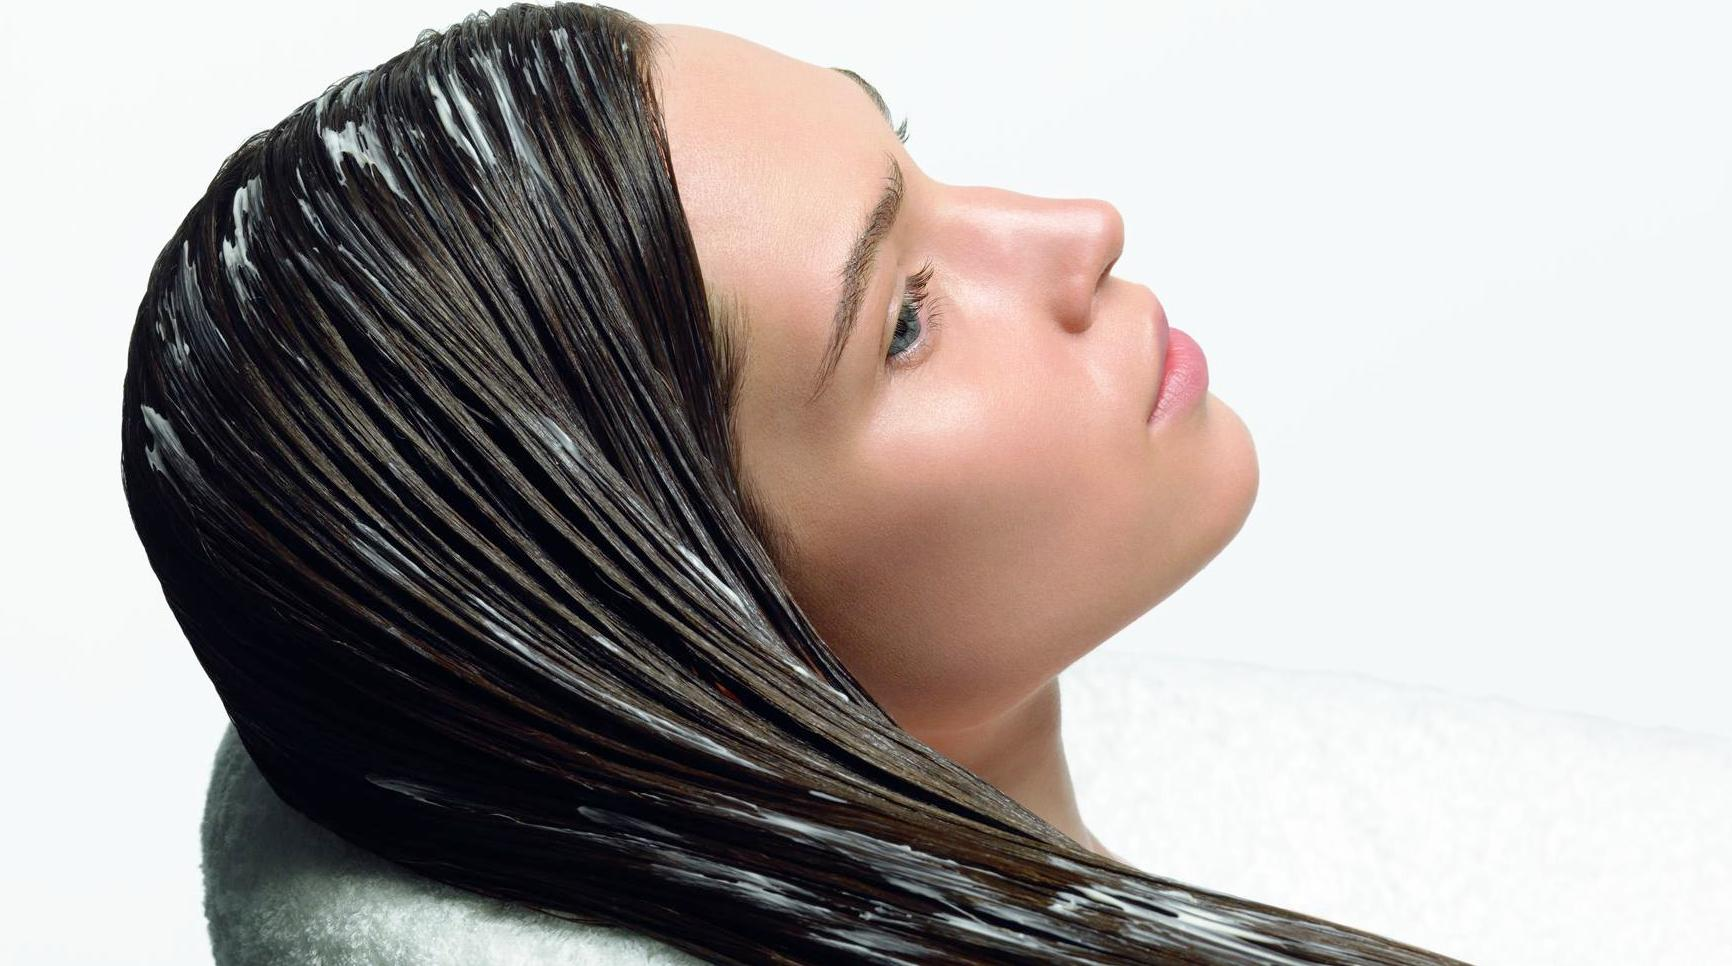 Волосы на голове или облысение